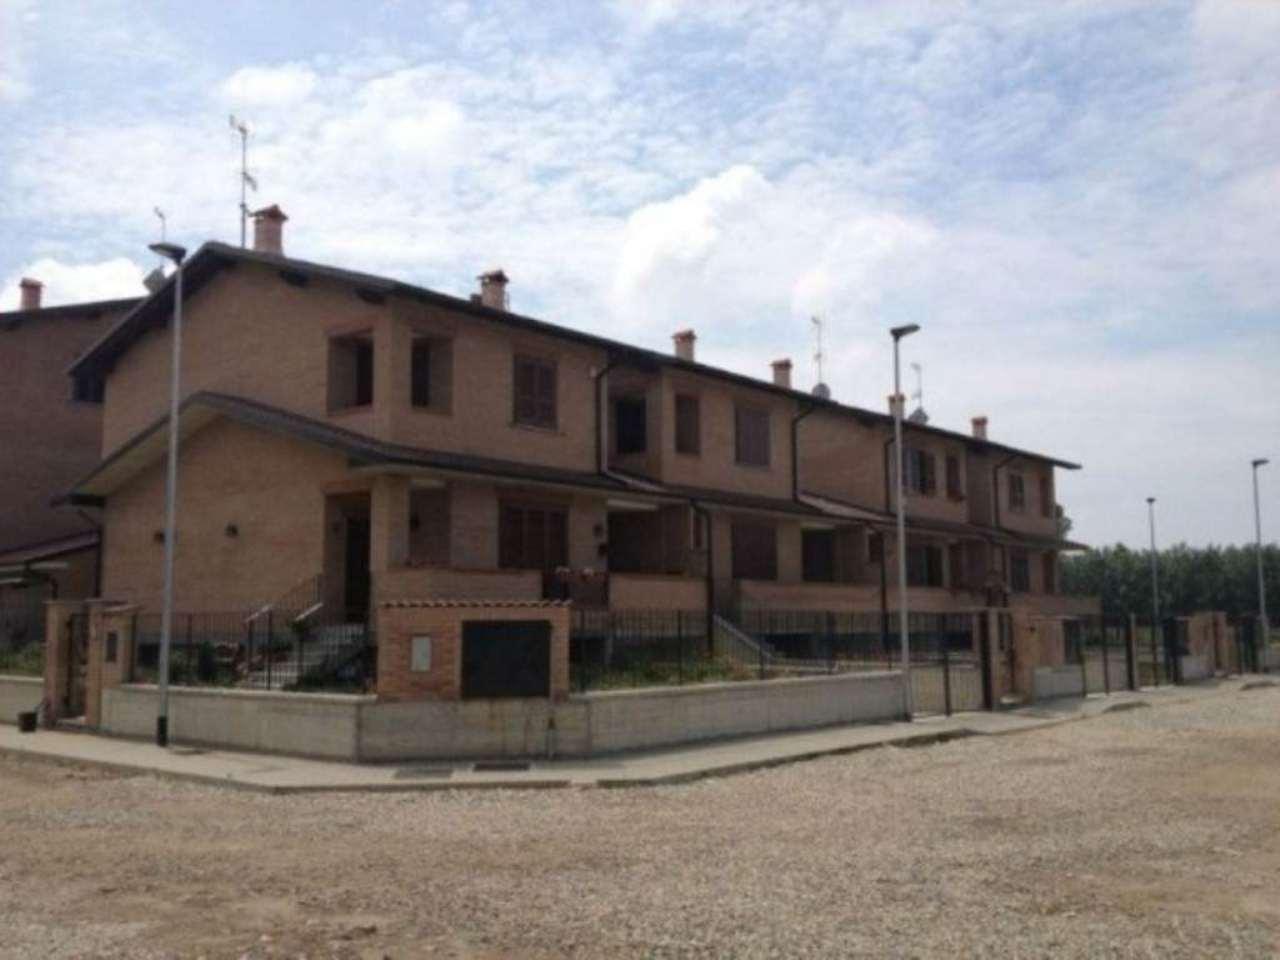 Soluzione Indipendente in vendita a Pavia, 3 locali, prezzo € 140.000 | Cambio Casa.it